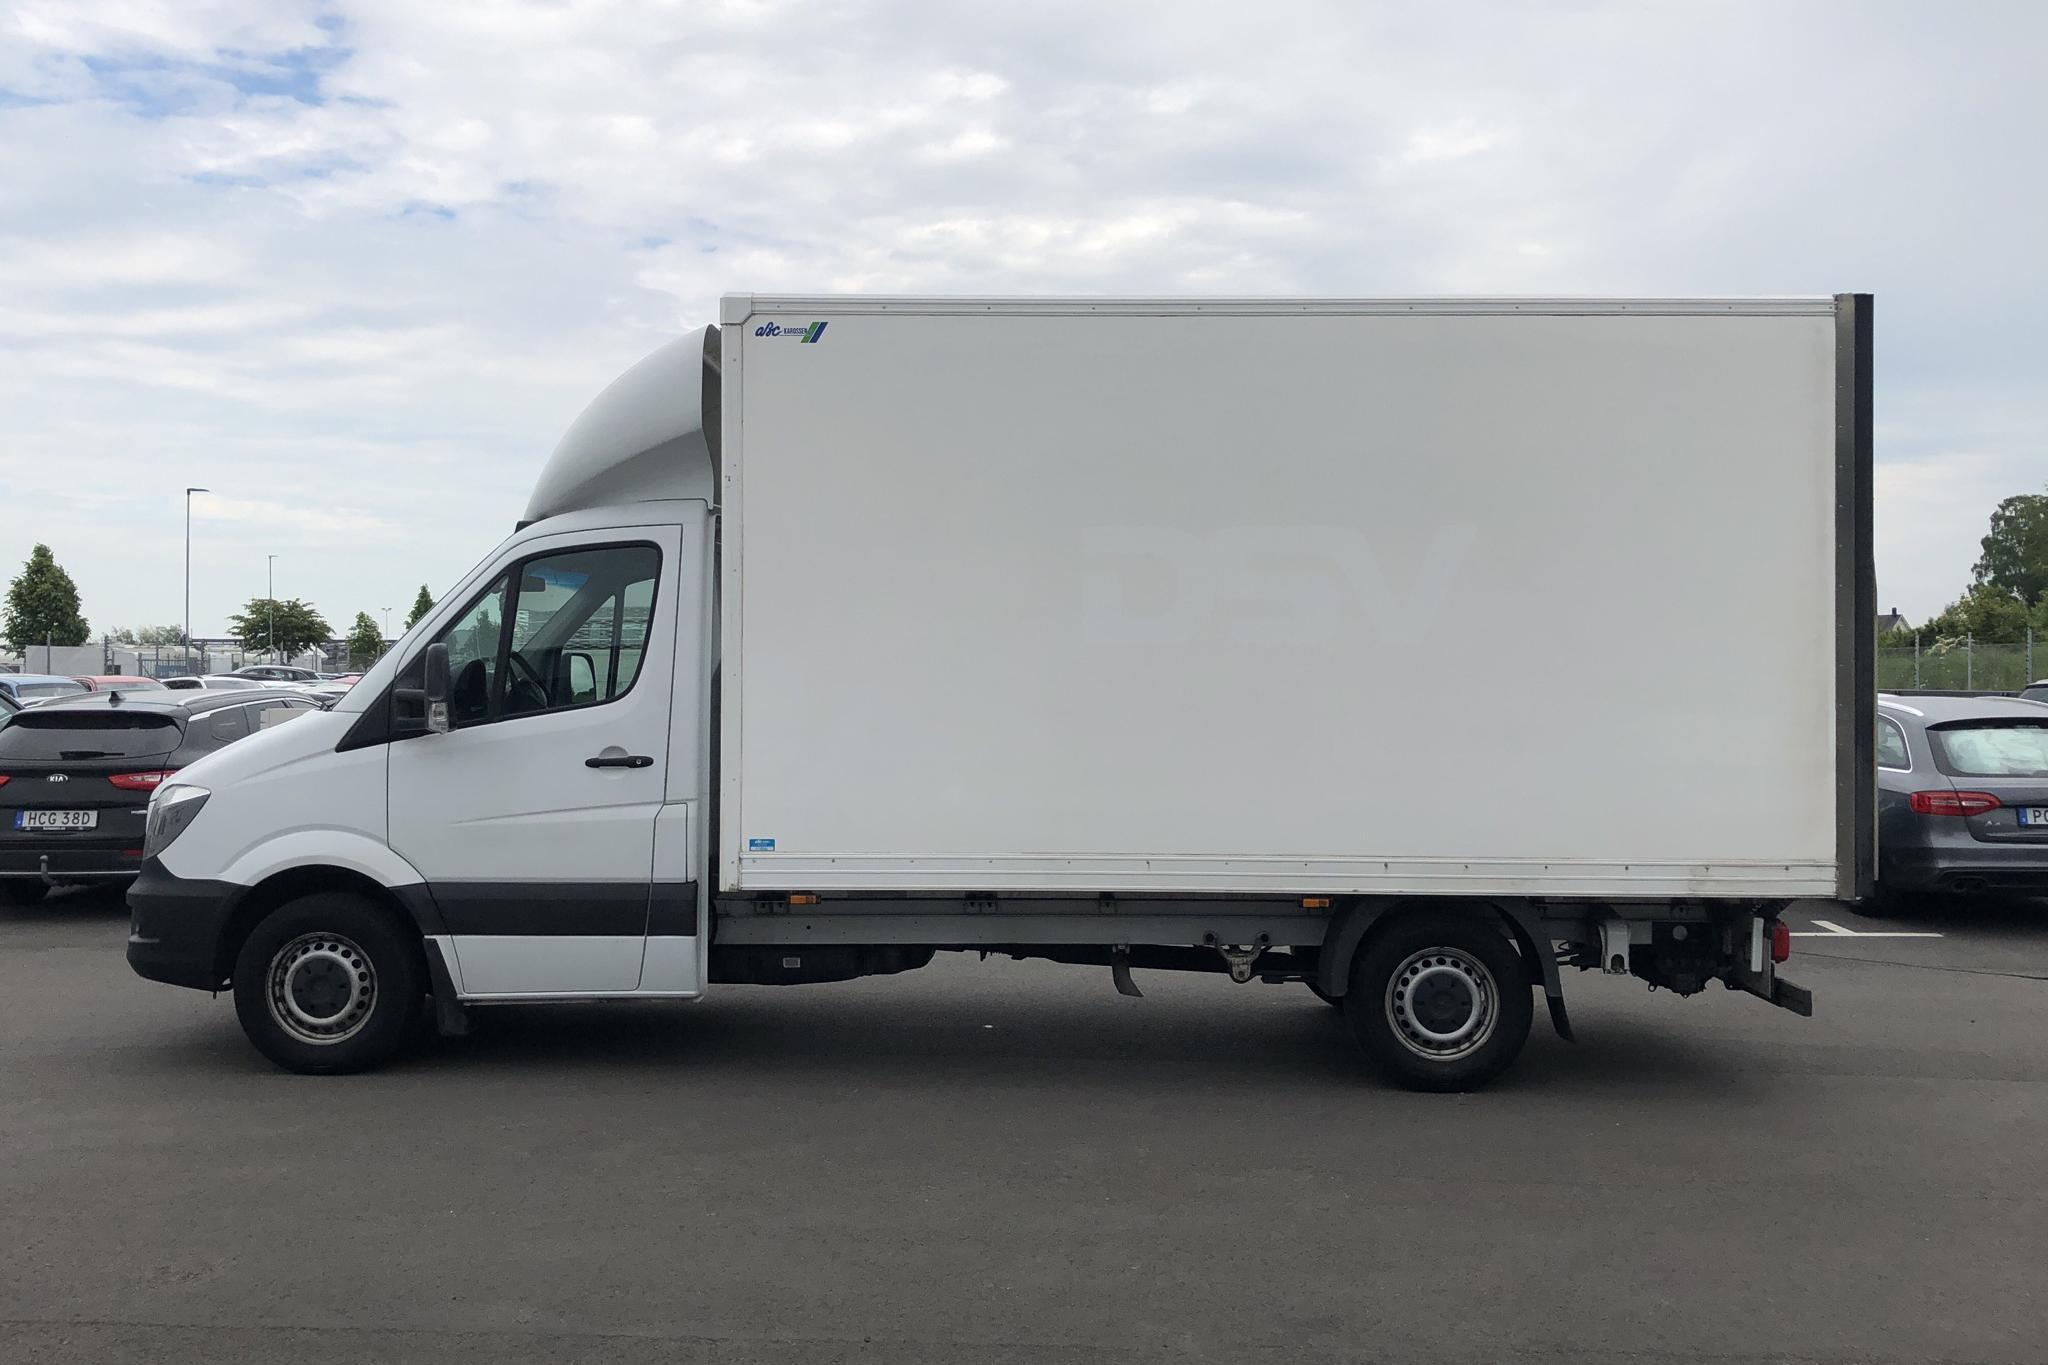 Mercedes Sprinter 316 CDI Volymskåp (163hk) - 14 291 mil - Automat - vit - 2017